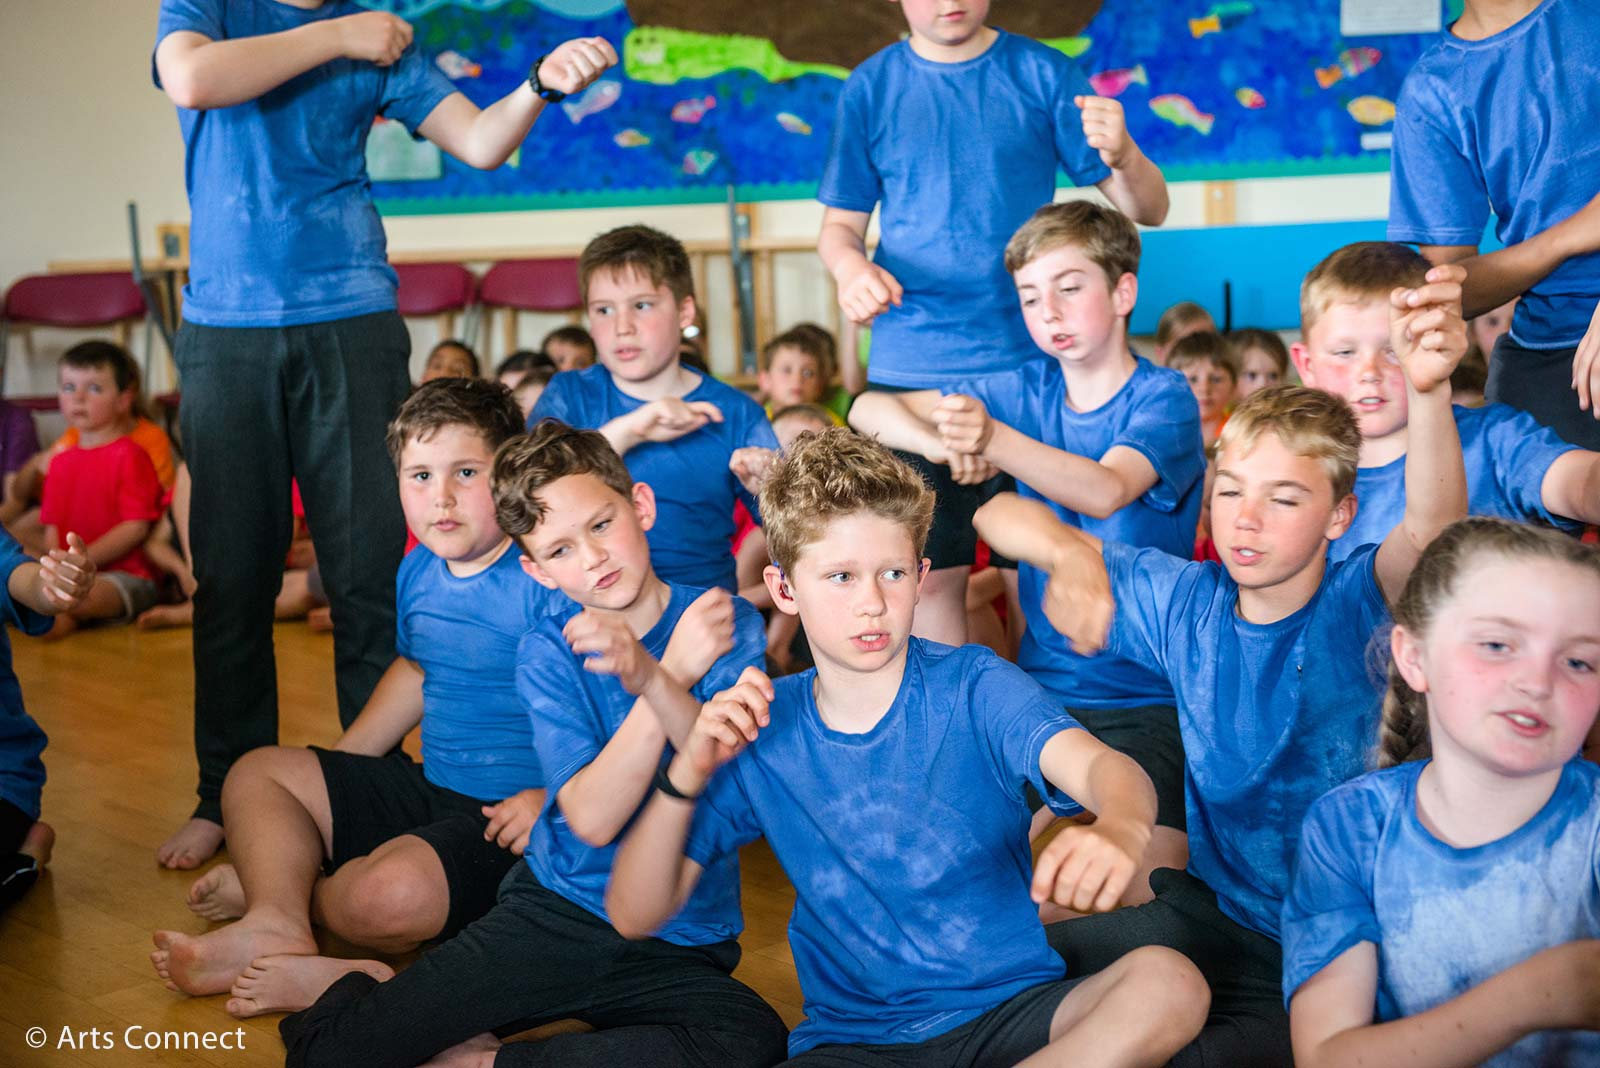 Primary children dancing